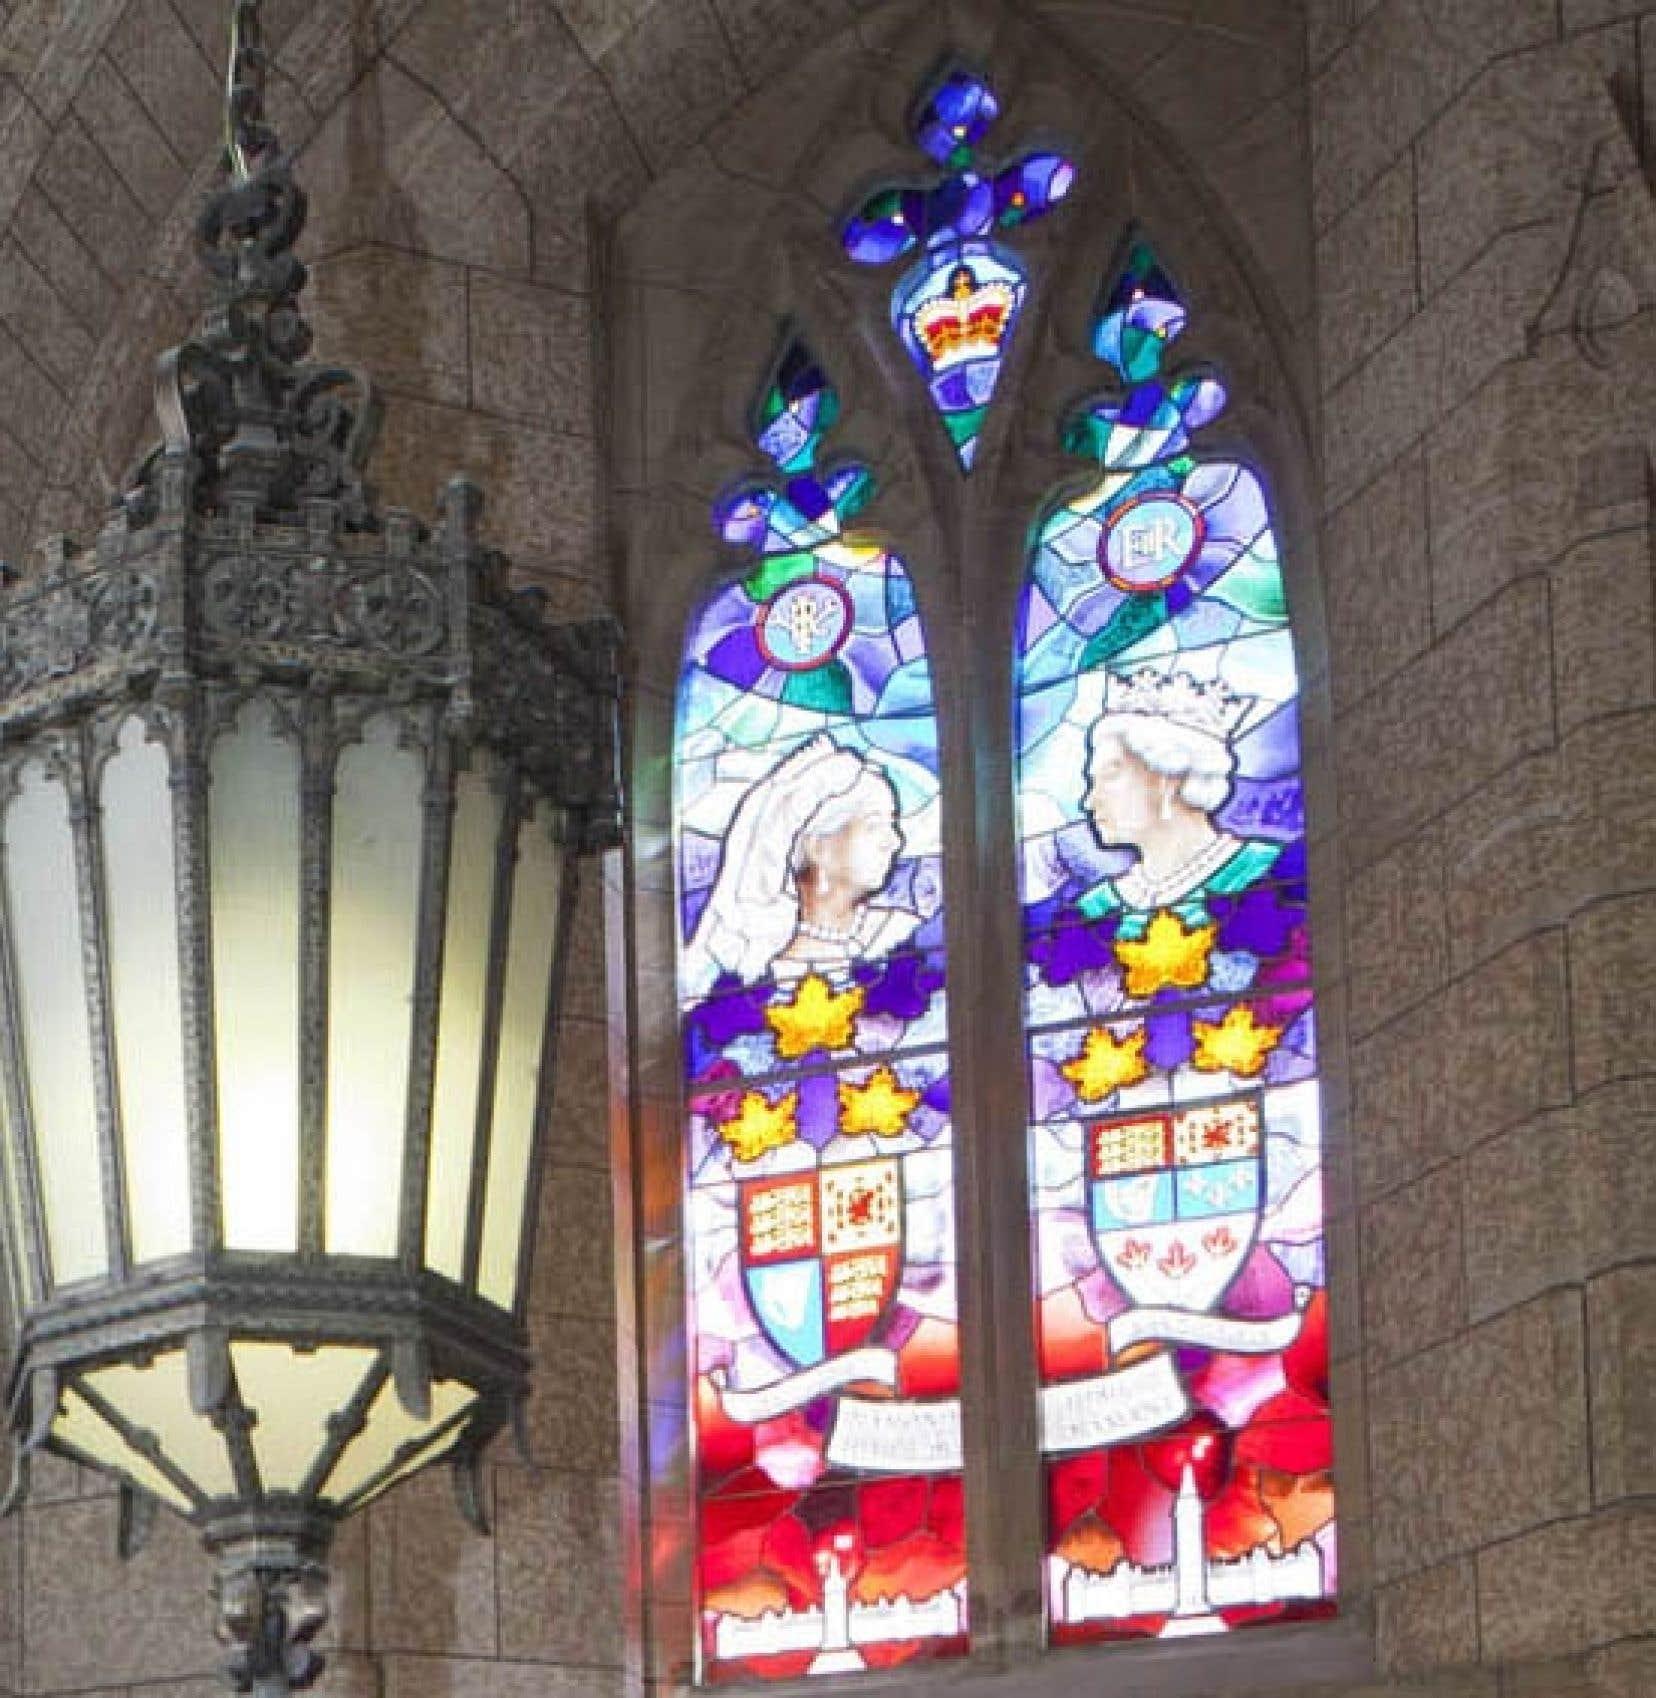 L'artiste Christopher Goodman indique que son vitrail consacré à la royauté britannique a été terminé il y a un an. Le gouvernement Harper l'a installé en catimini il y a deux semaines.